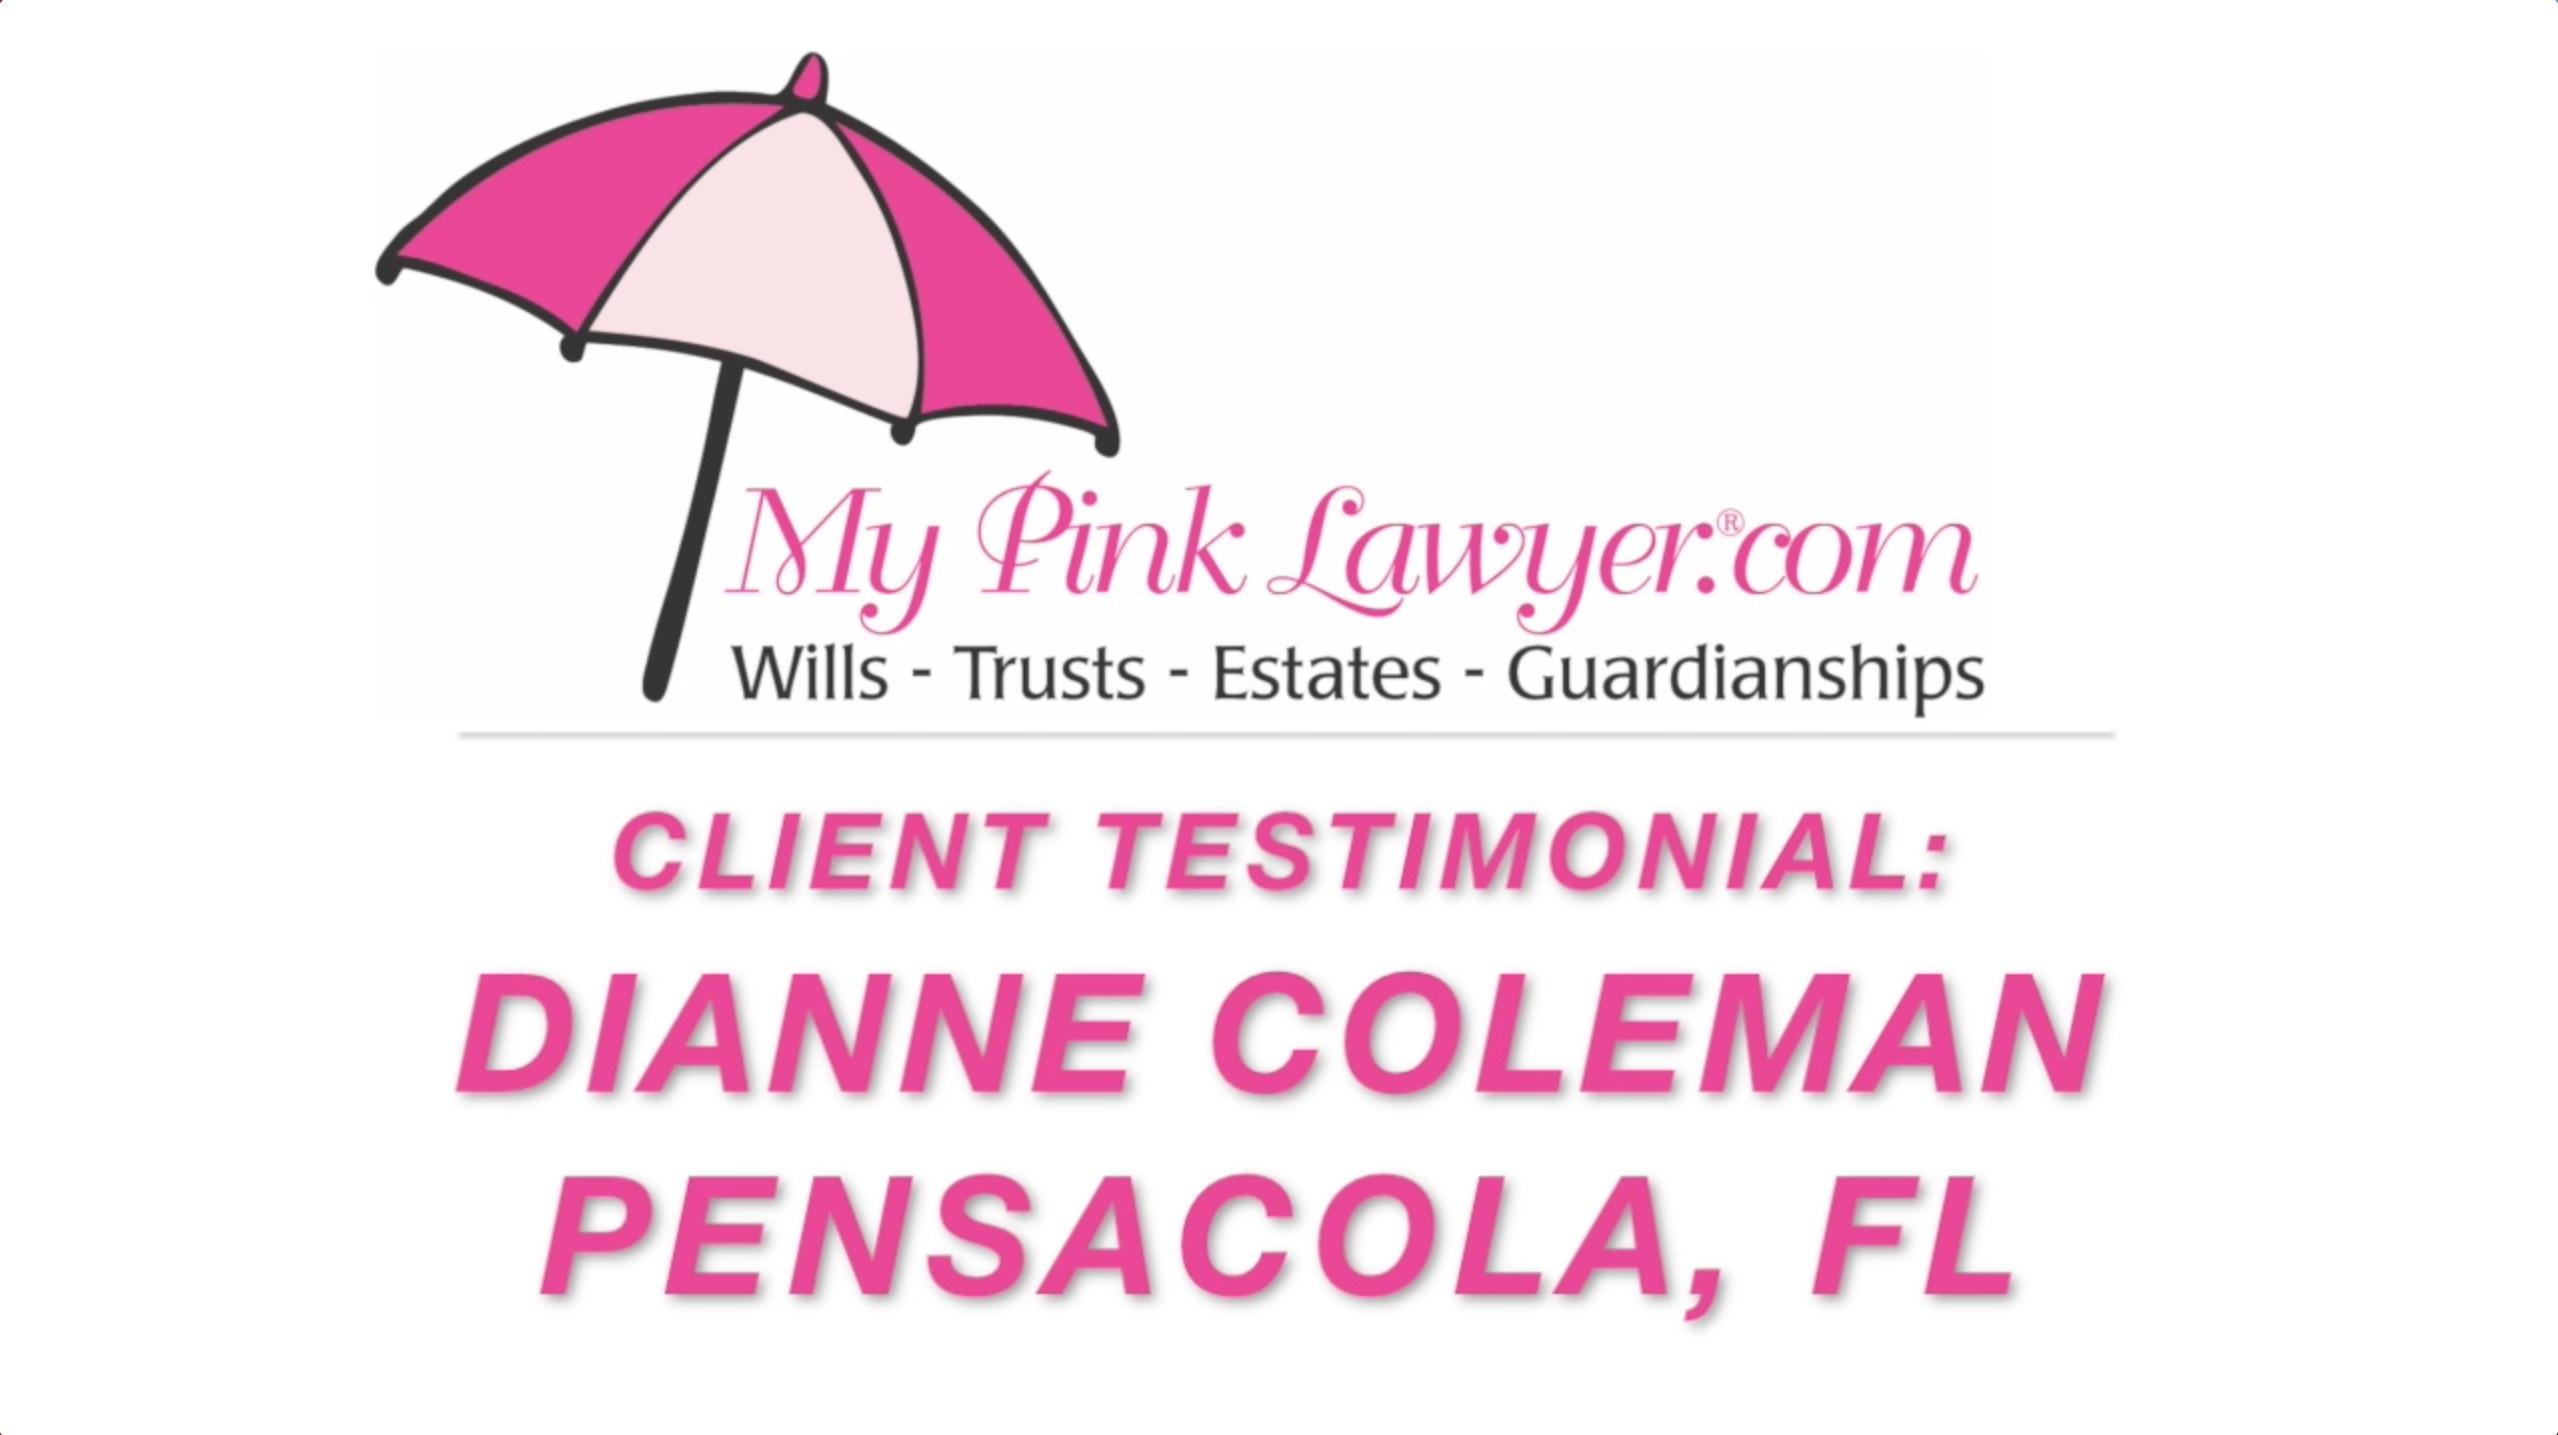 Dianne Coleman, Pensacola